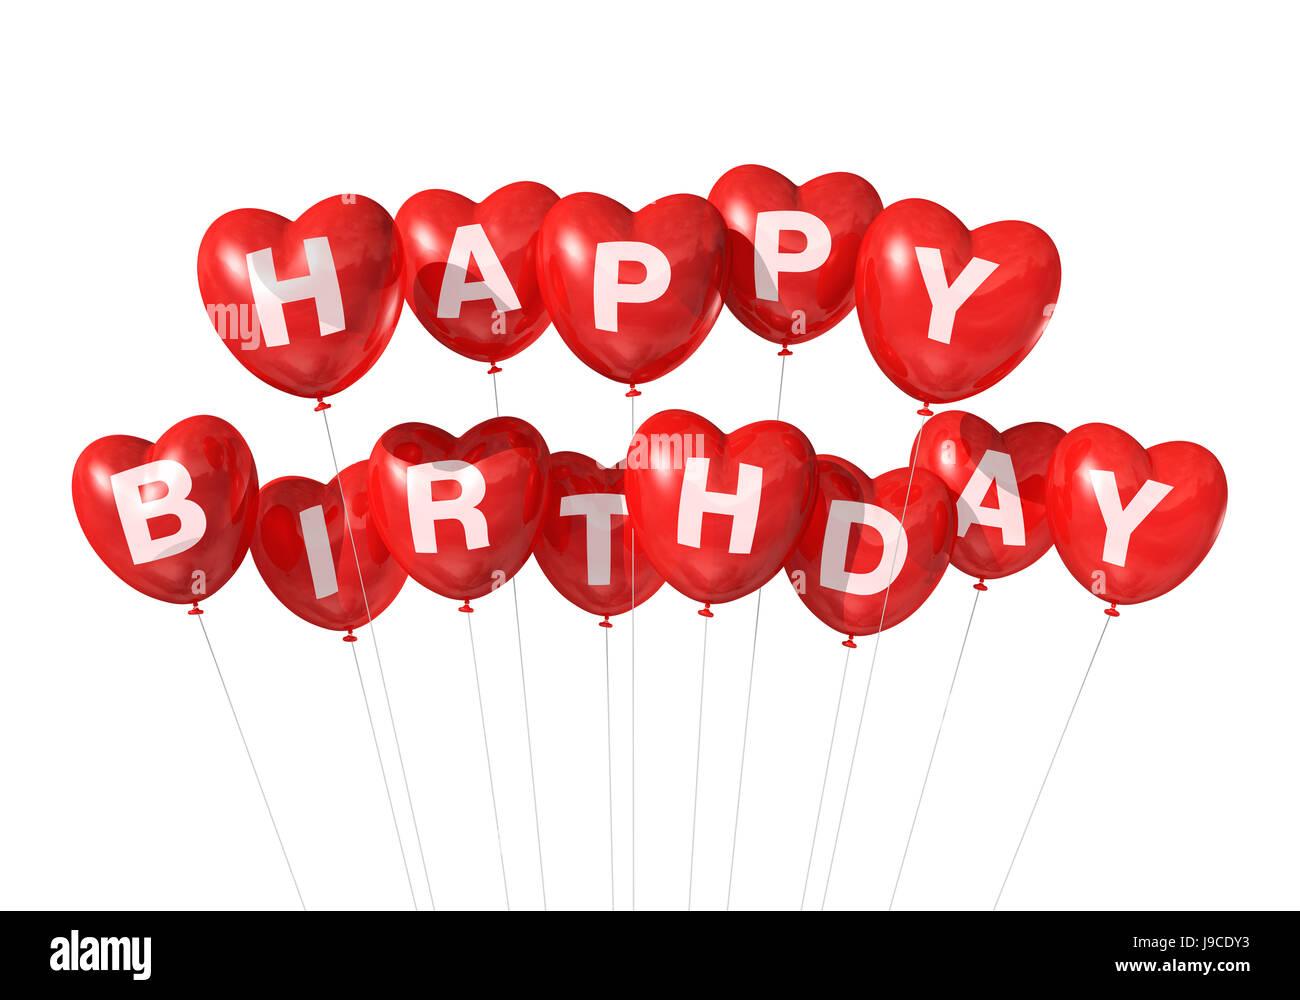 Geburtstag Ballons Ballon Ballon Liebe Verliebt Verliebt Herz